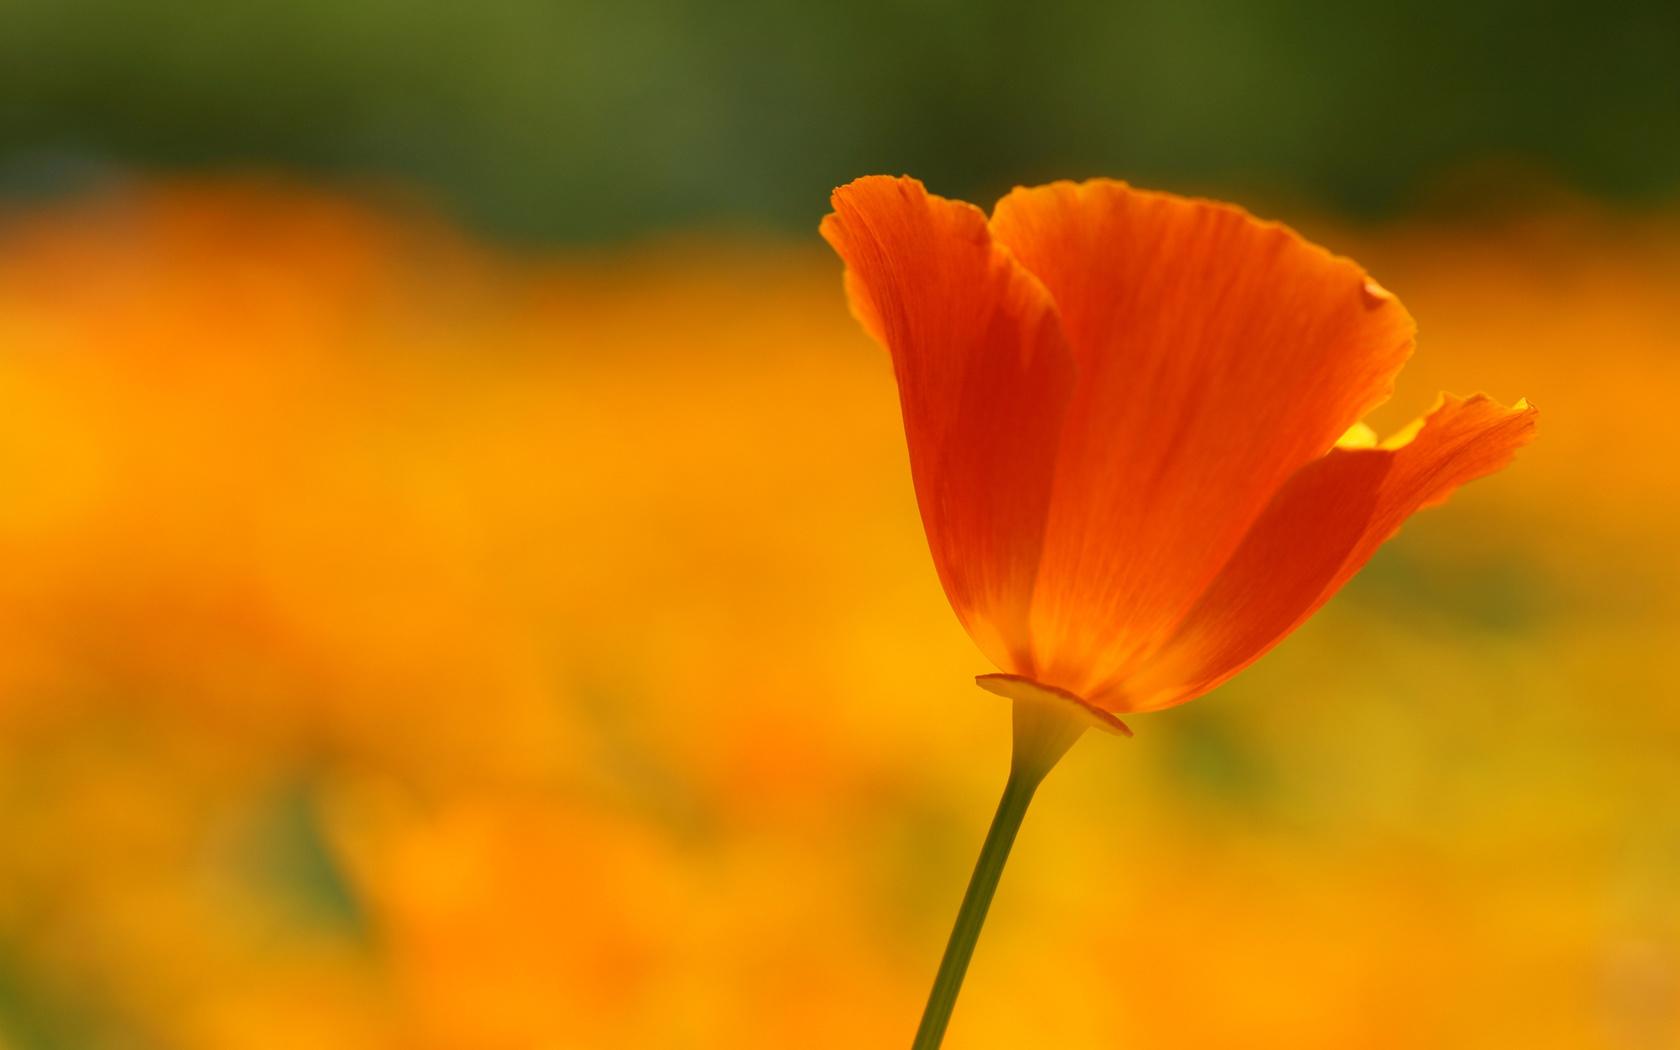 красный, лепестки, алый, оранжевый, цветок, яркий, Мак